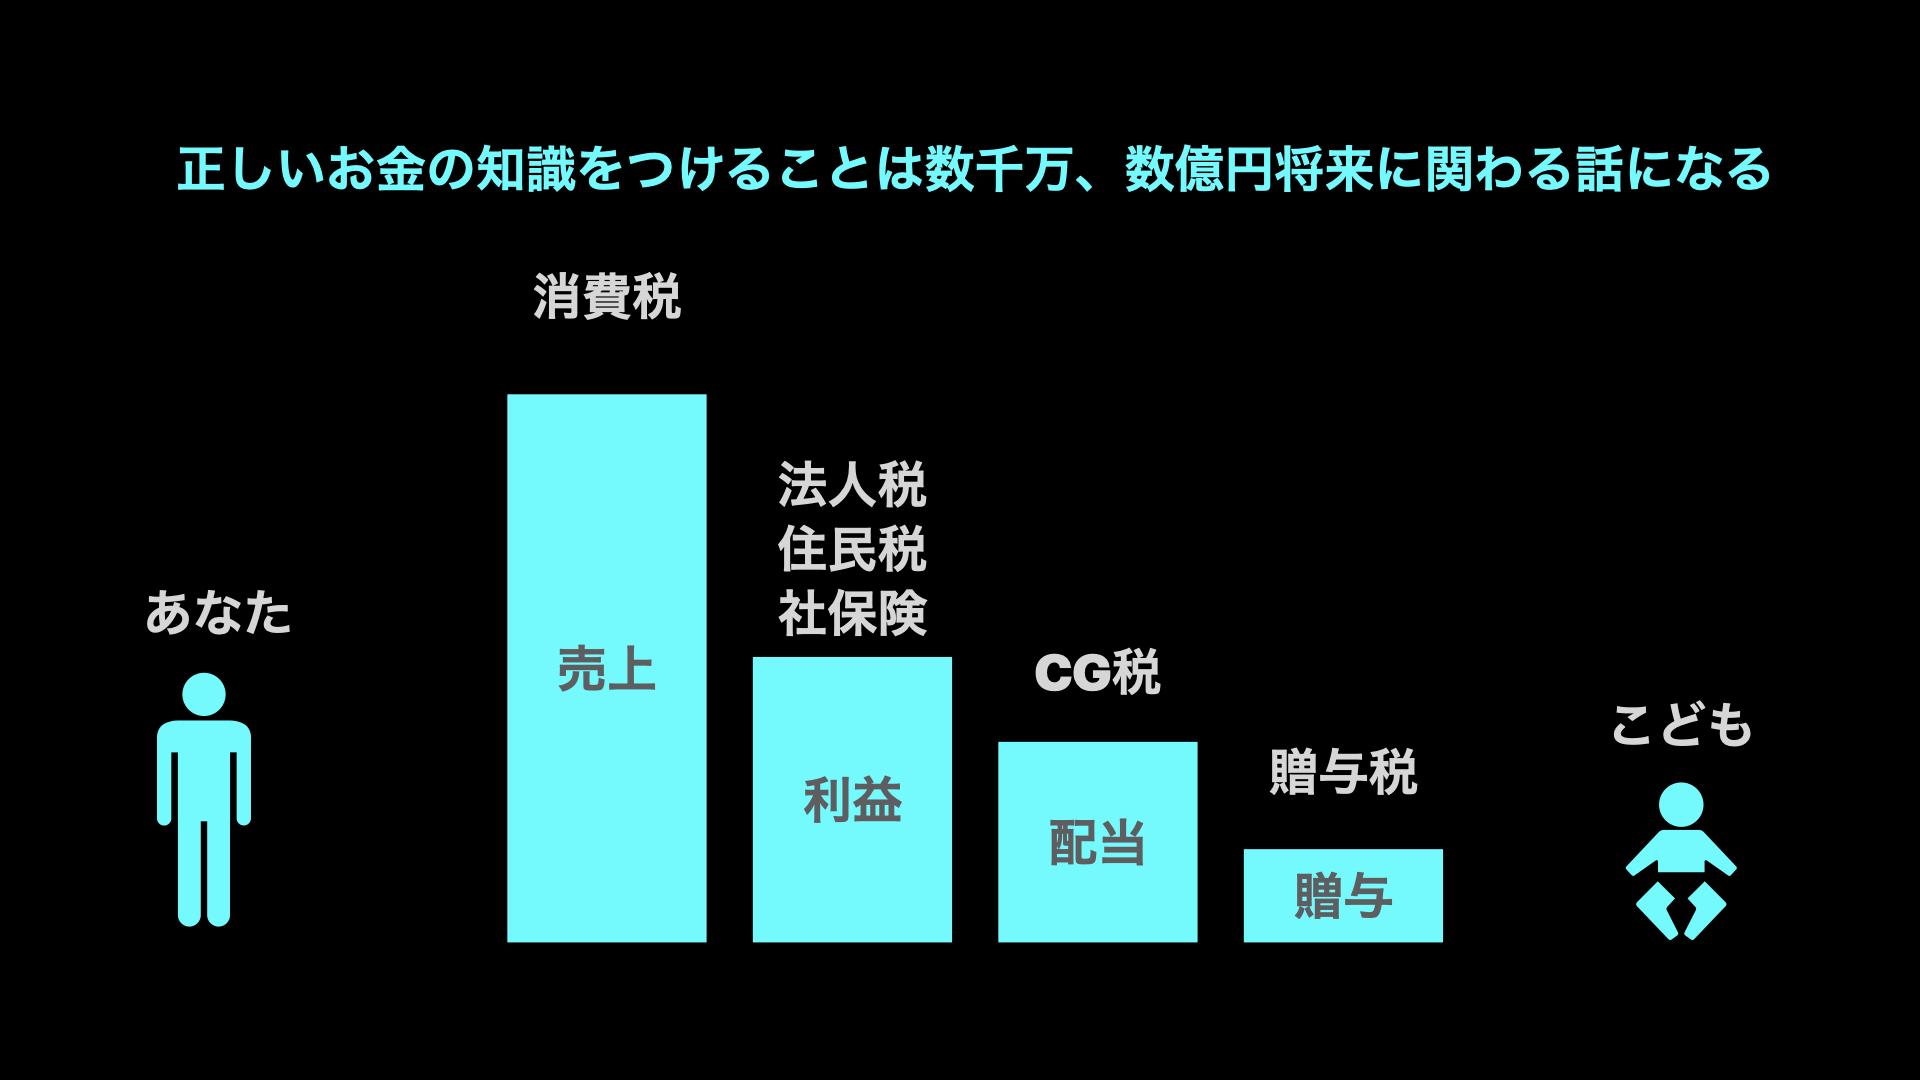 日本の税率